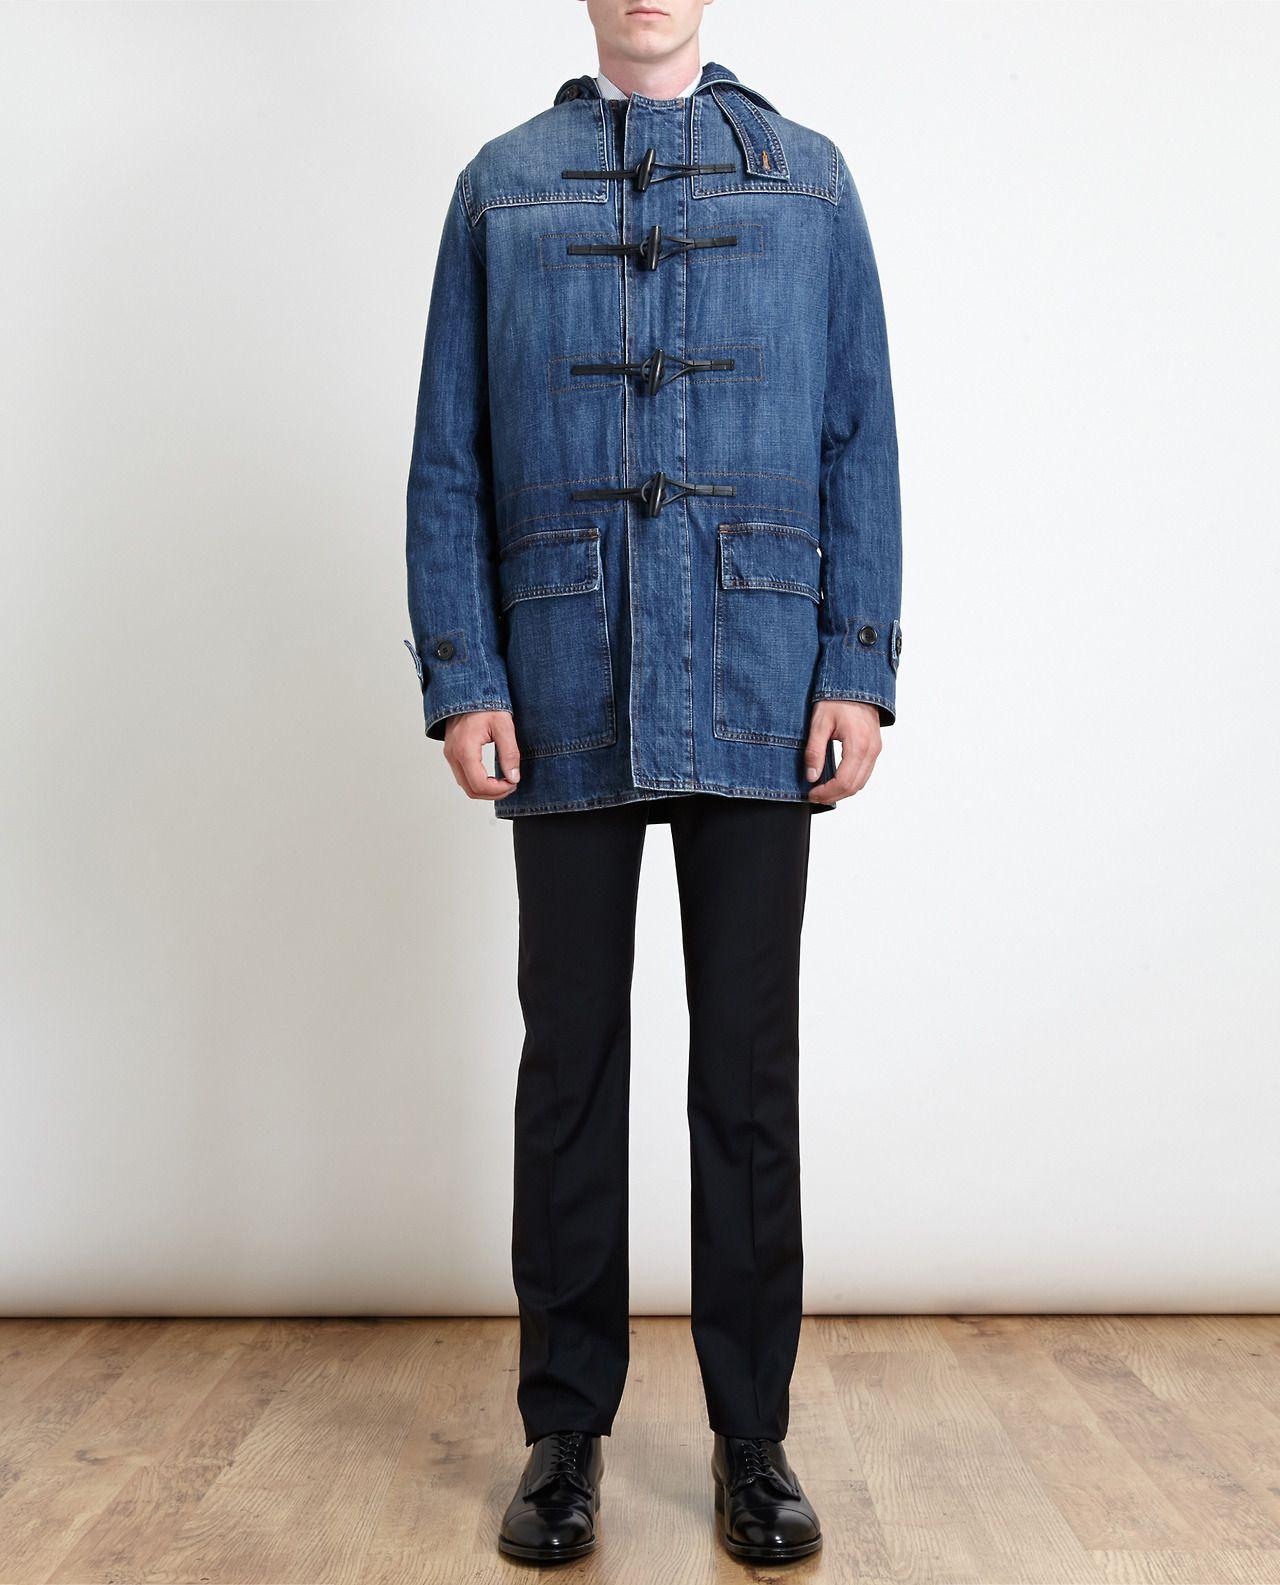 Dior Homme Denim Duffle Coat | Men's Style Fabric | Pinterest ...